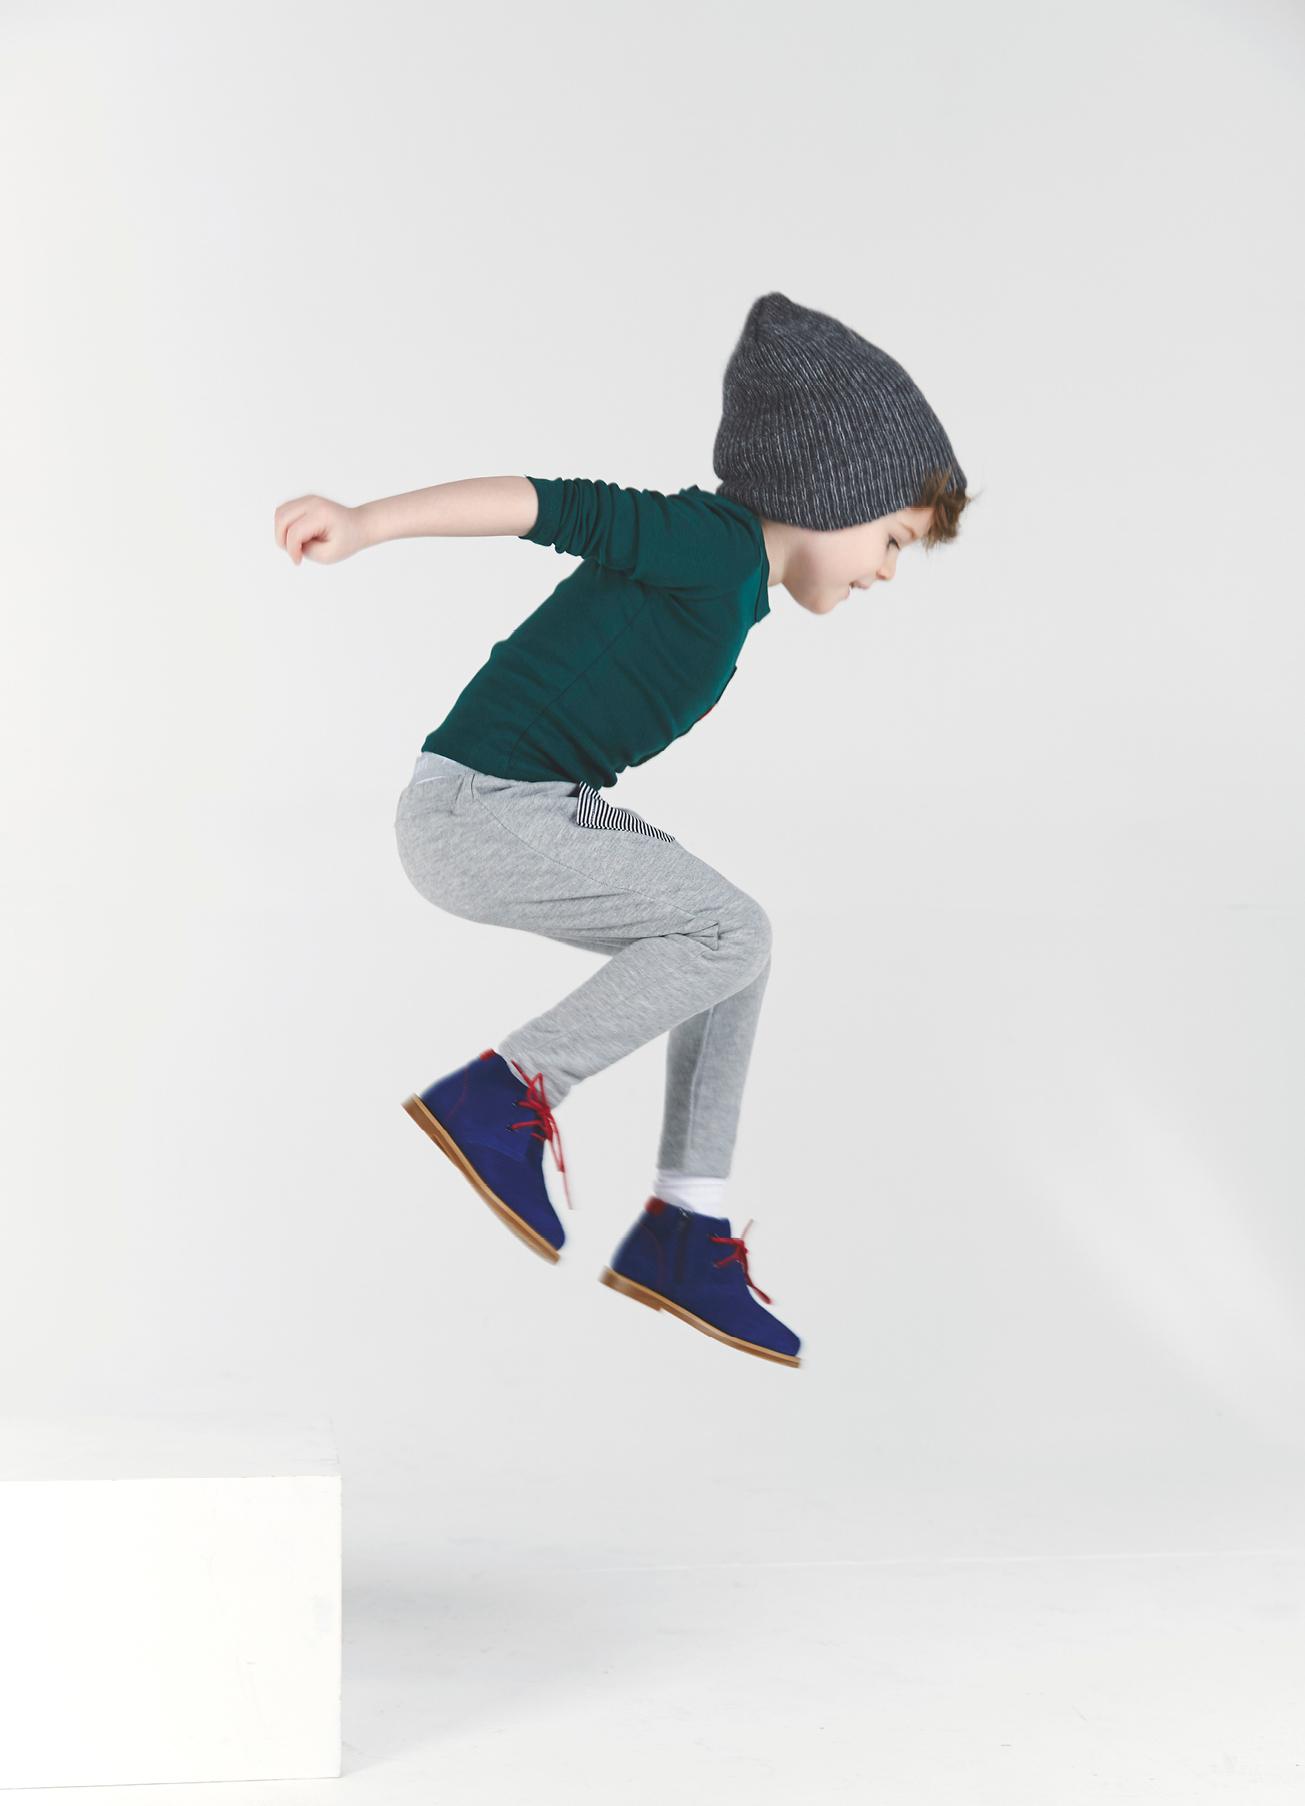 קמפיין אופנה ילדים לירון ויסמן צלמת